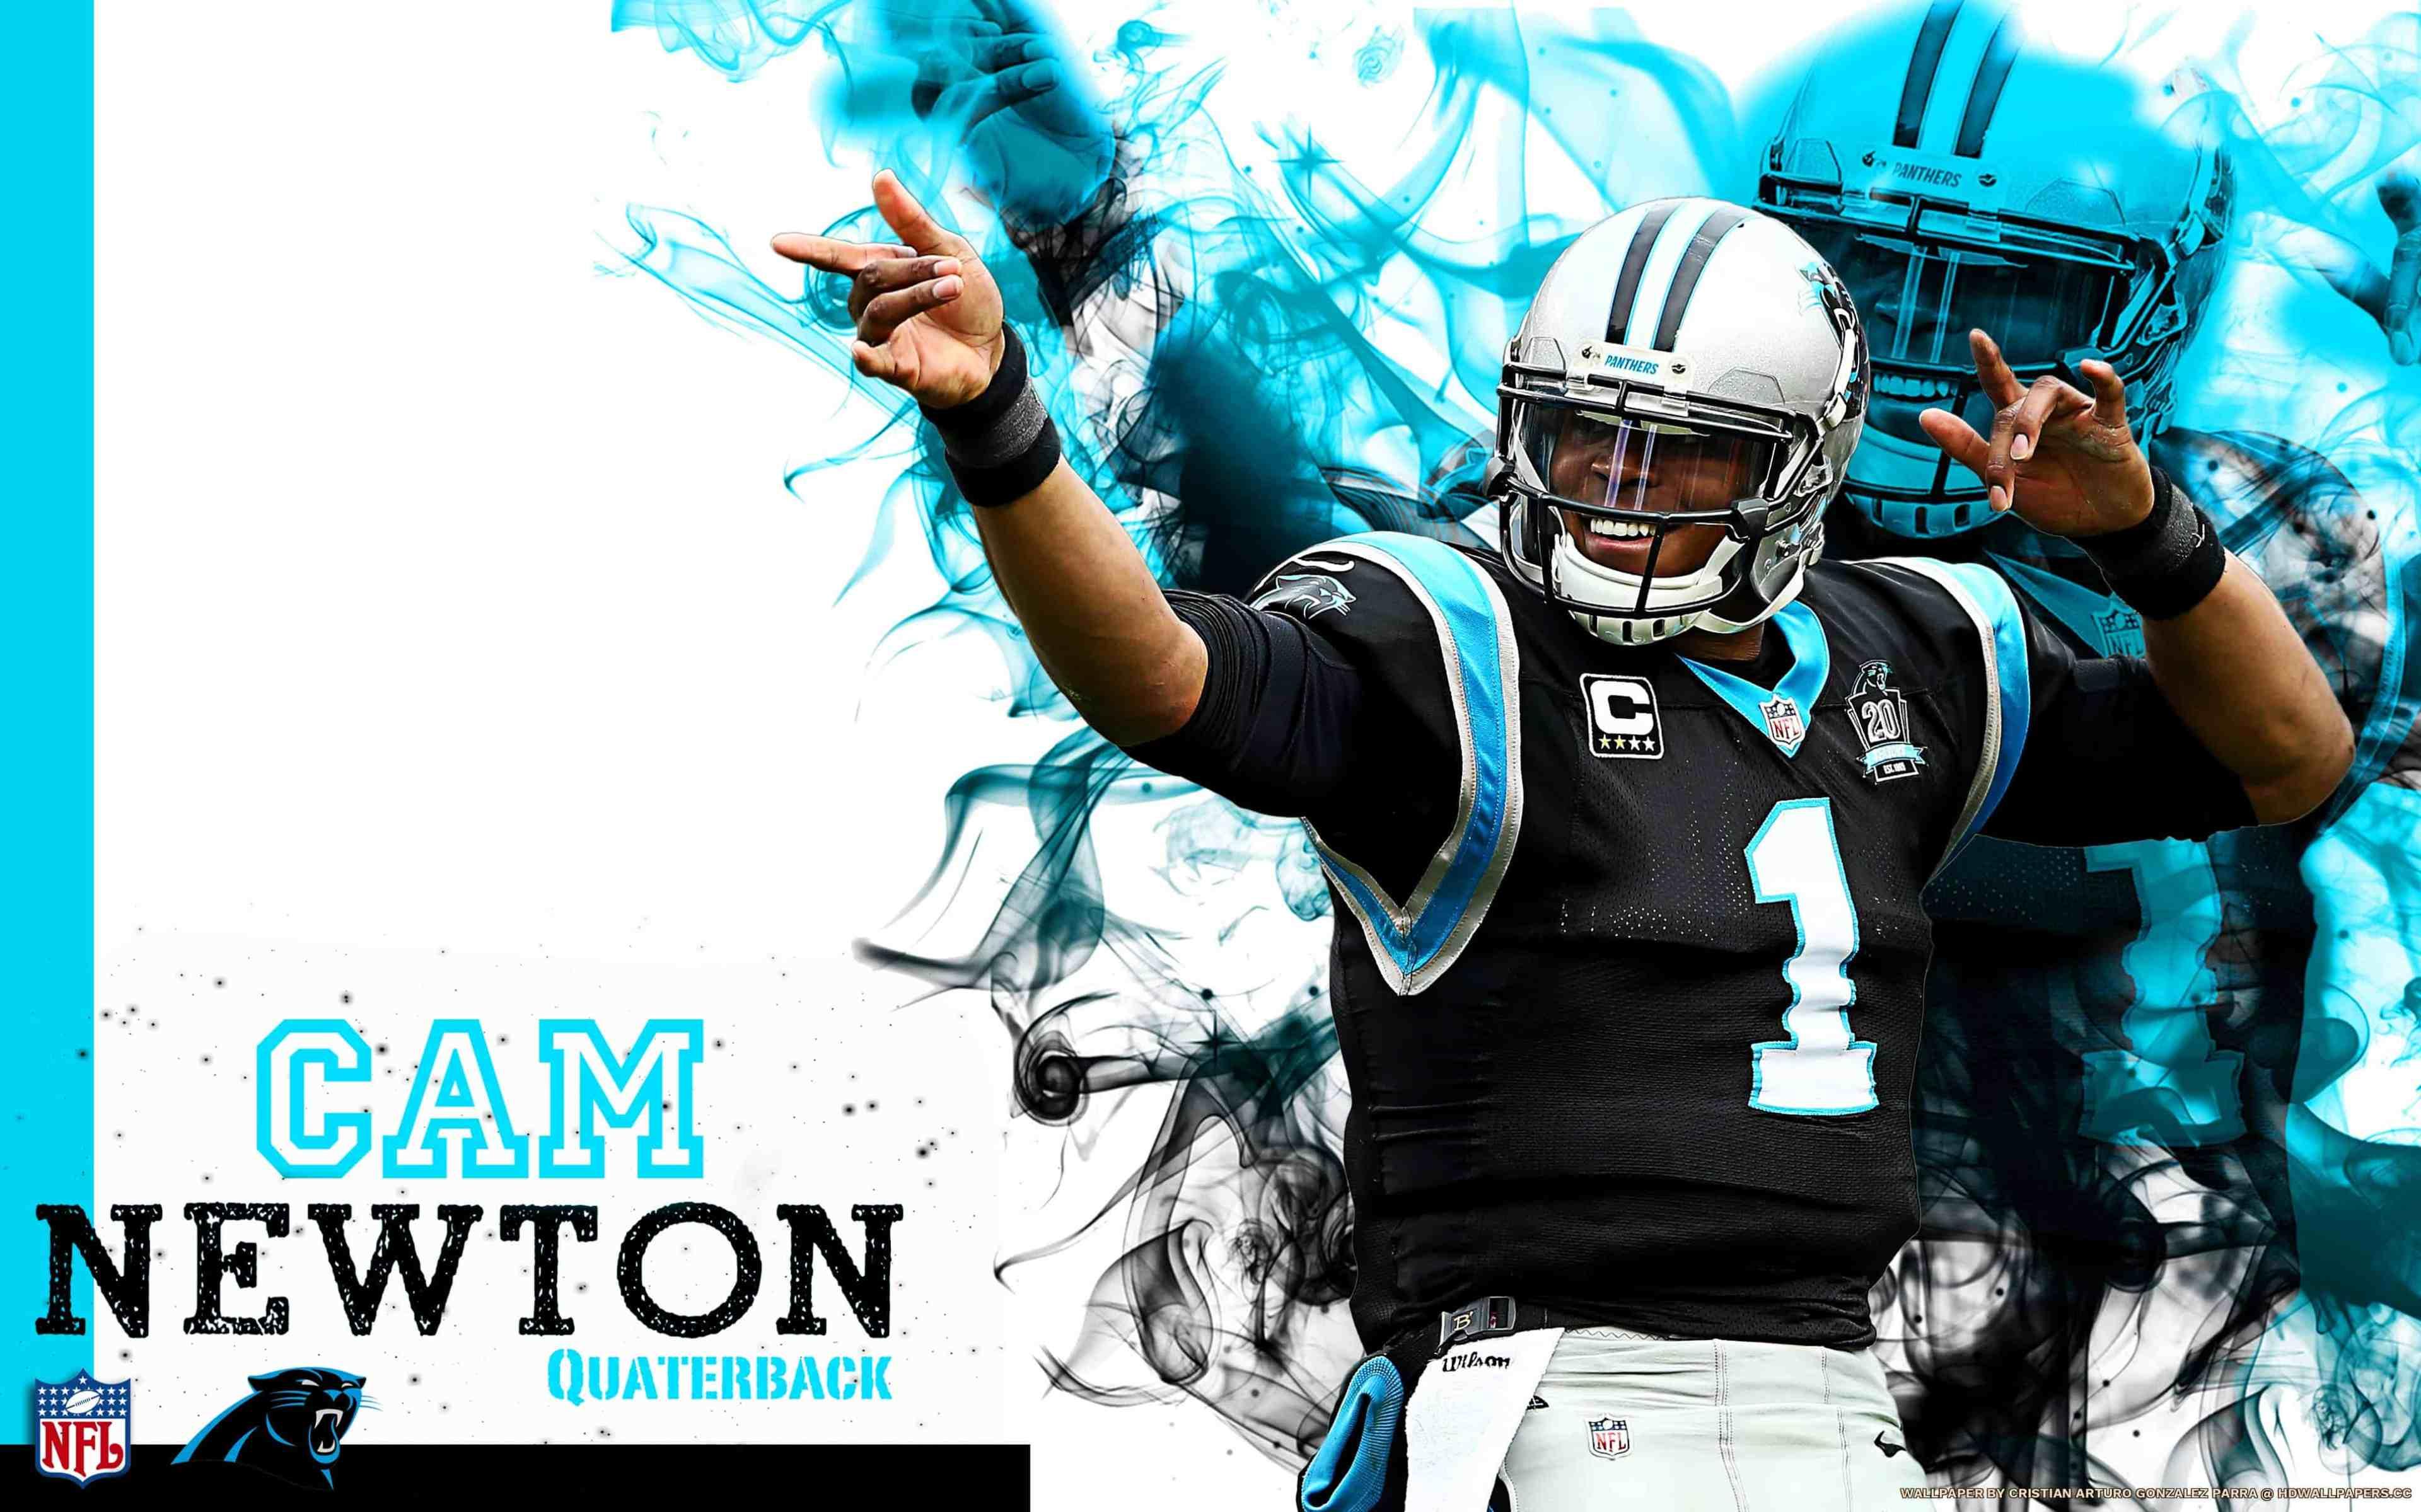 Cam Newton uno de los jugadores mas valiosos de la NFL ...